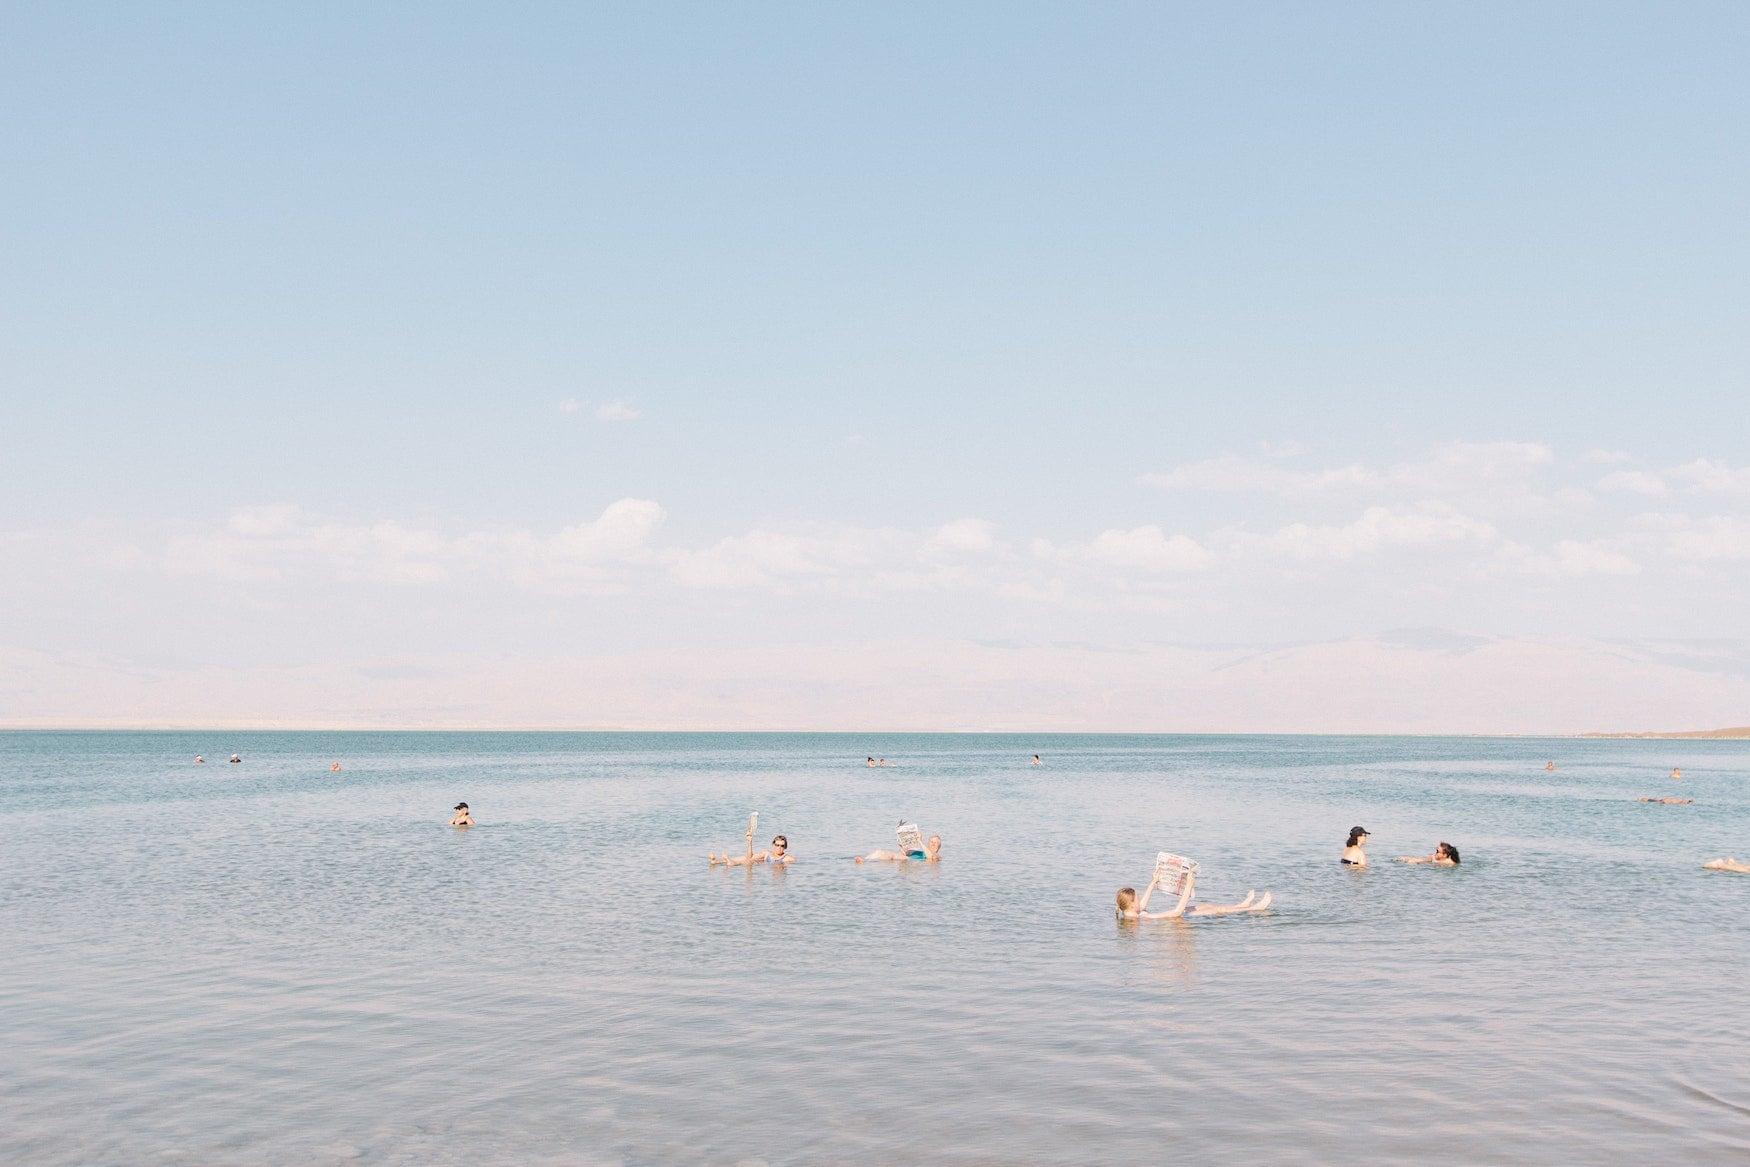 Das Tote Meer ist das salzhaltigste Meer der Welt? Reise Irrtümer gibt es viele!